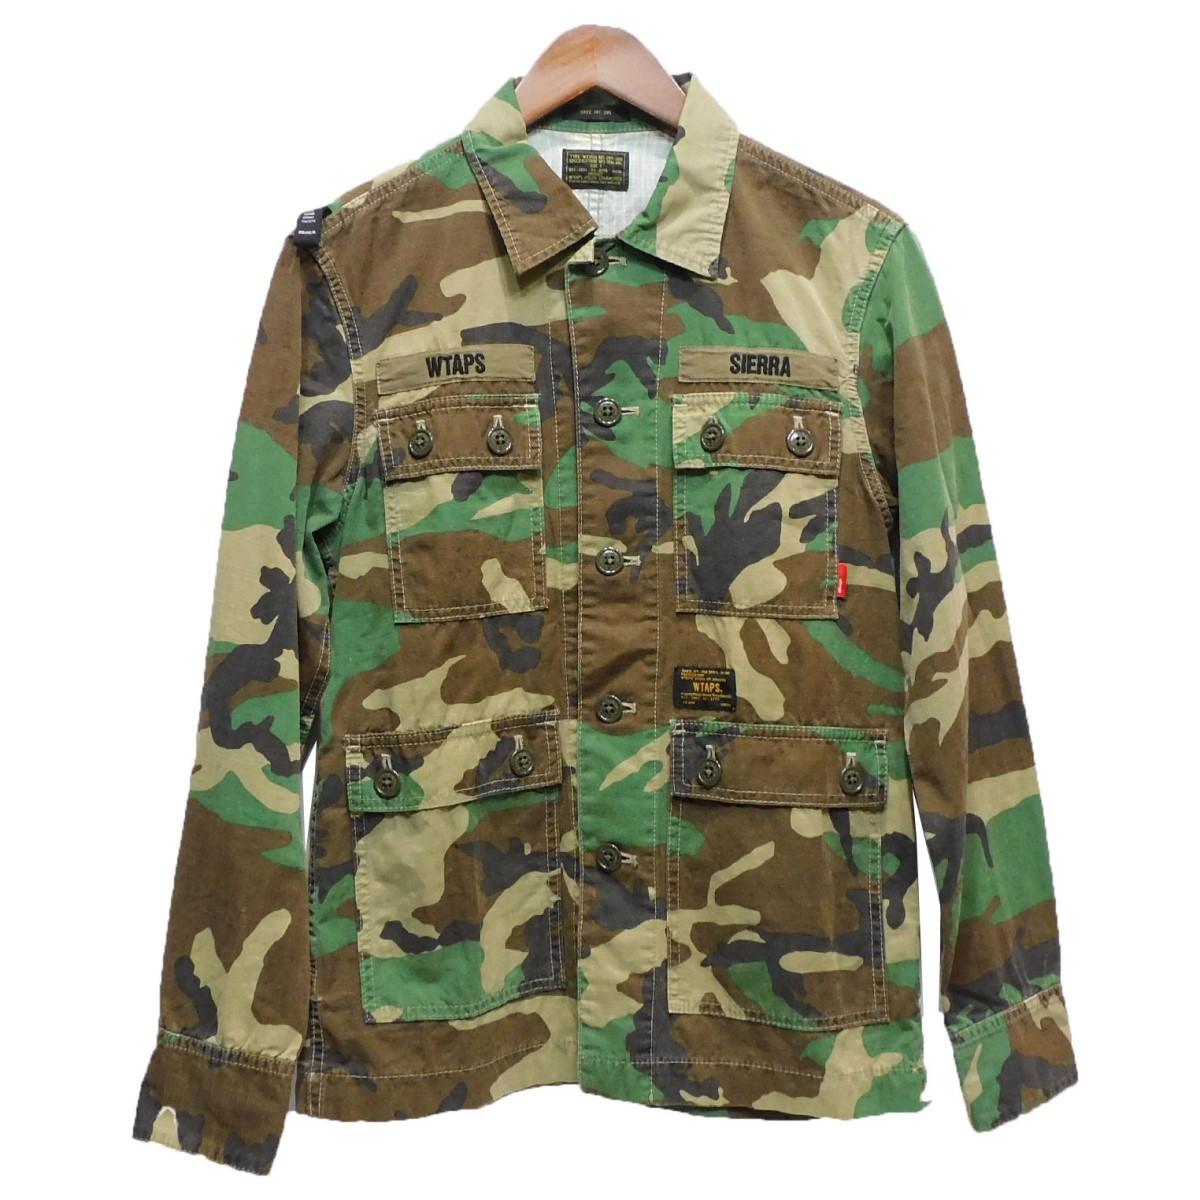 【中古】WTAPS13AW「JUNGLE L/S」カモフラミリタリーシャツ カーキ サイズ:1